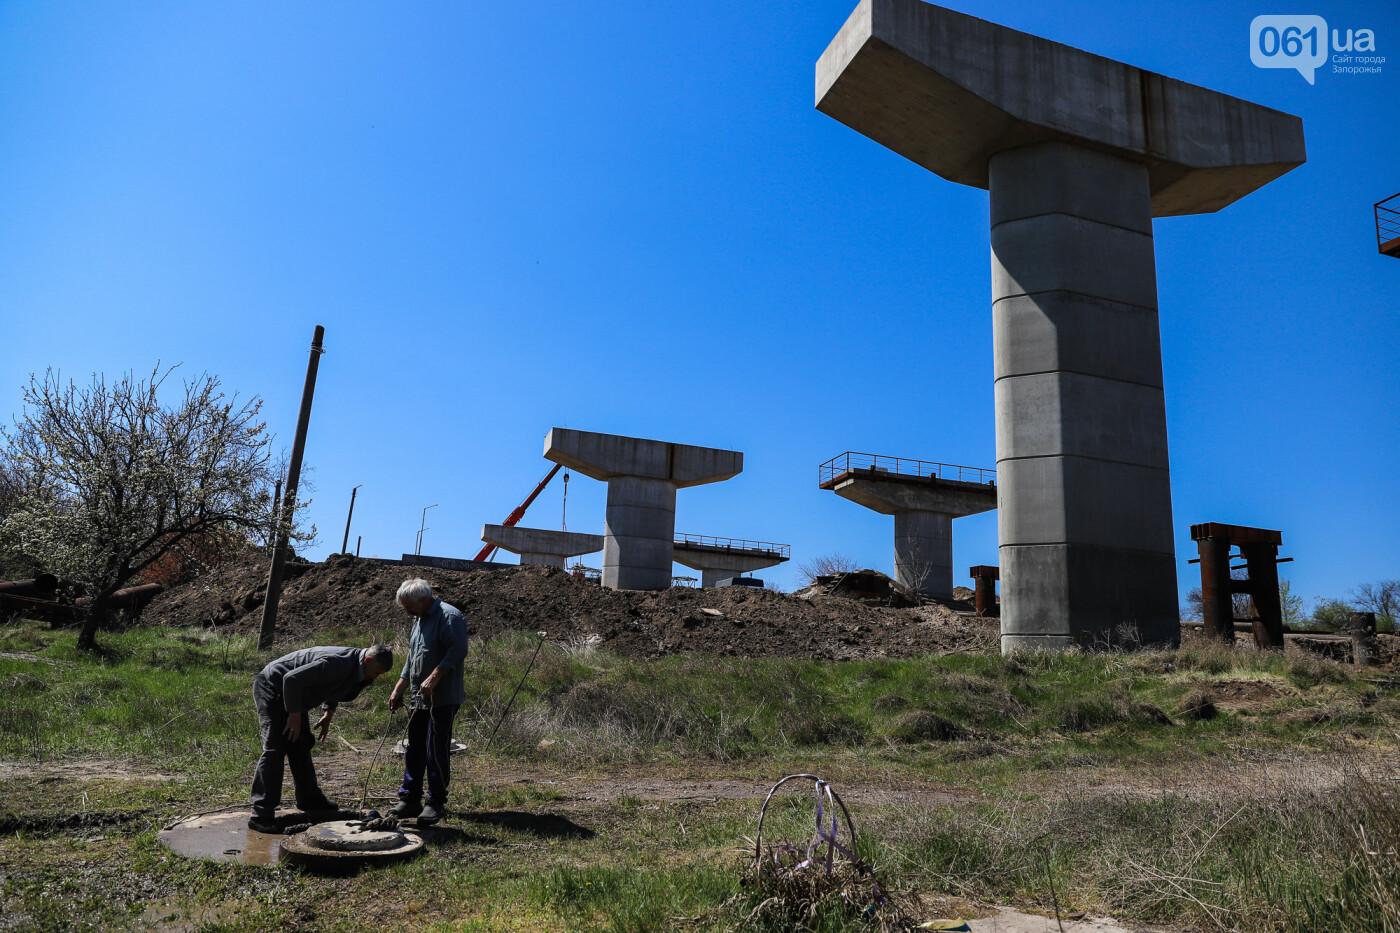 На запорожские мосты выделено 2,7 миллиарда: что сейчас проиходит стройплощадке, - ФОТОРЕПОРТАЖ, фото-29